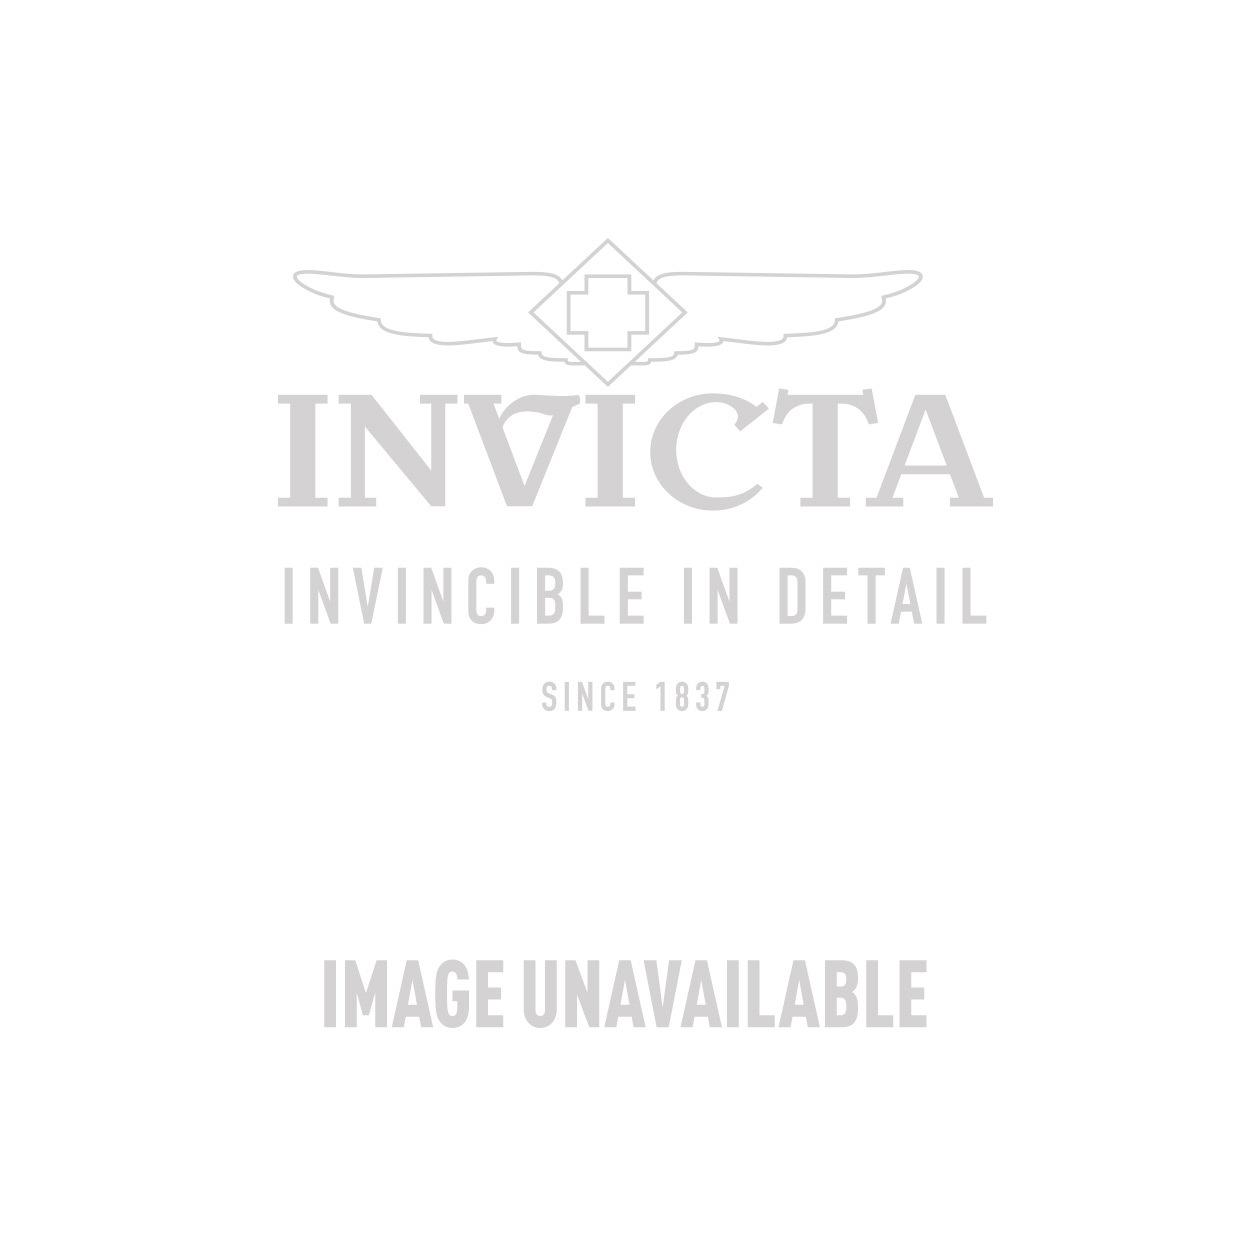 Invicta Model 27973